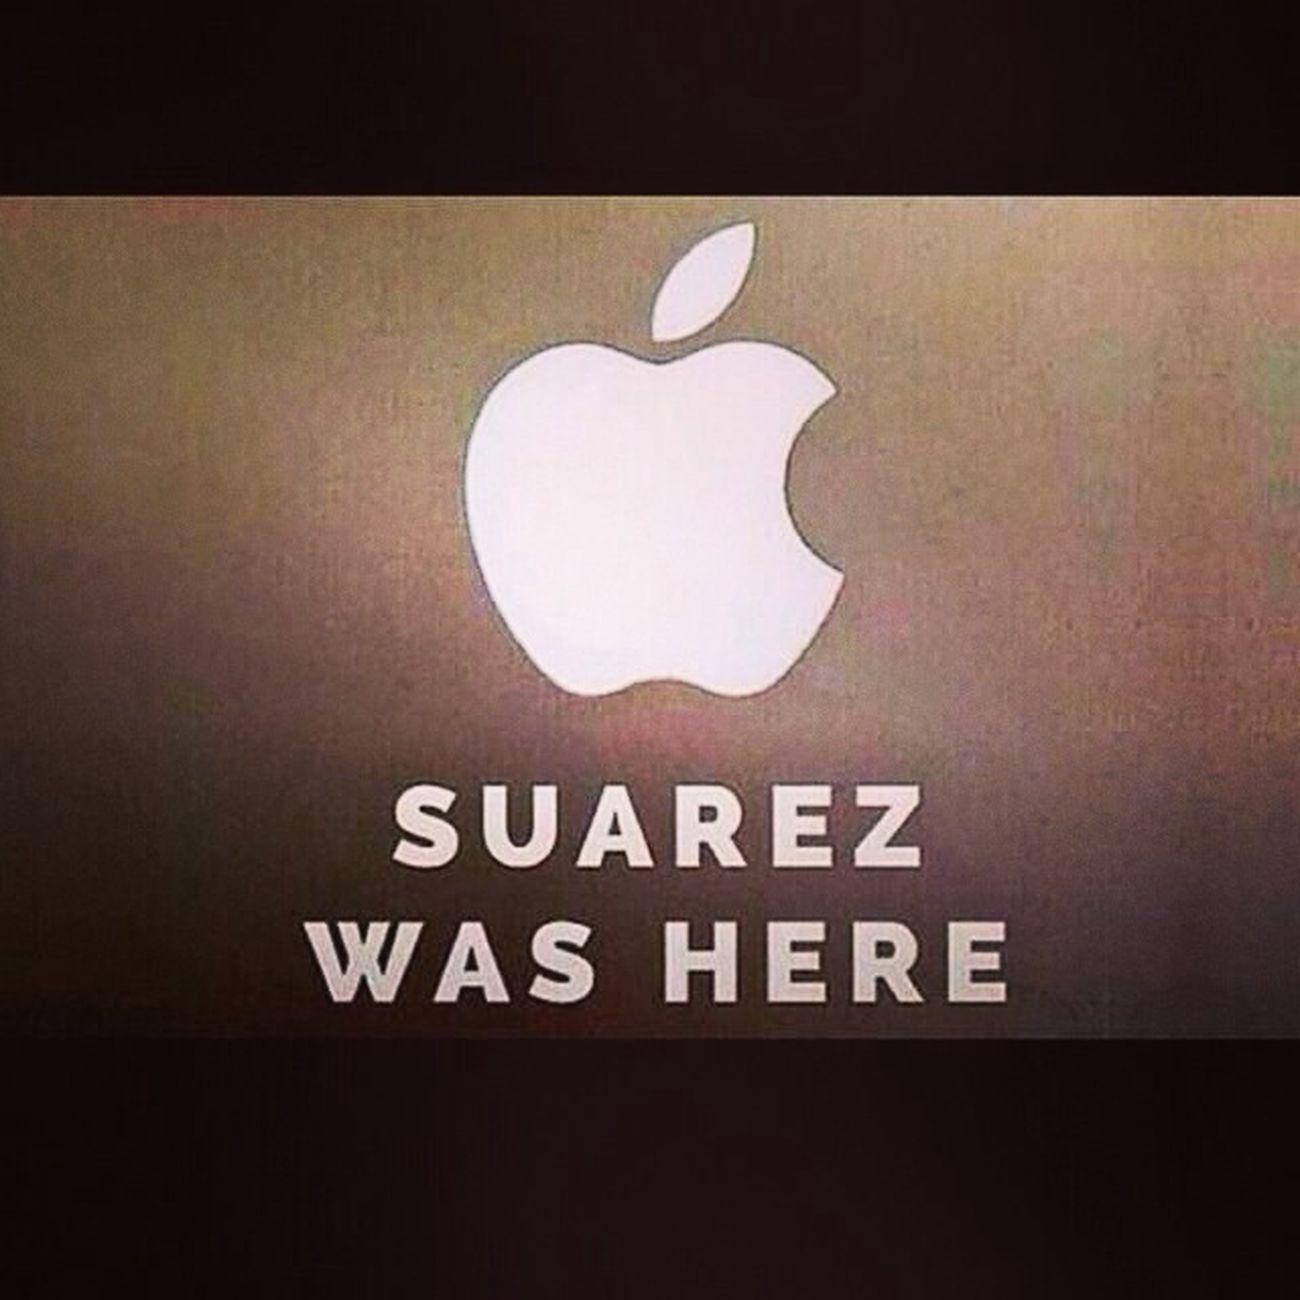 Luis Suarez Football Epic